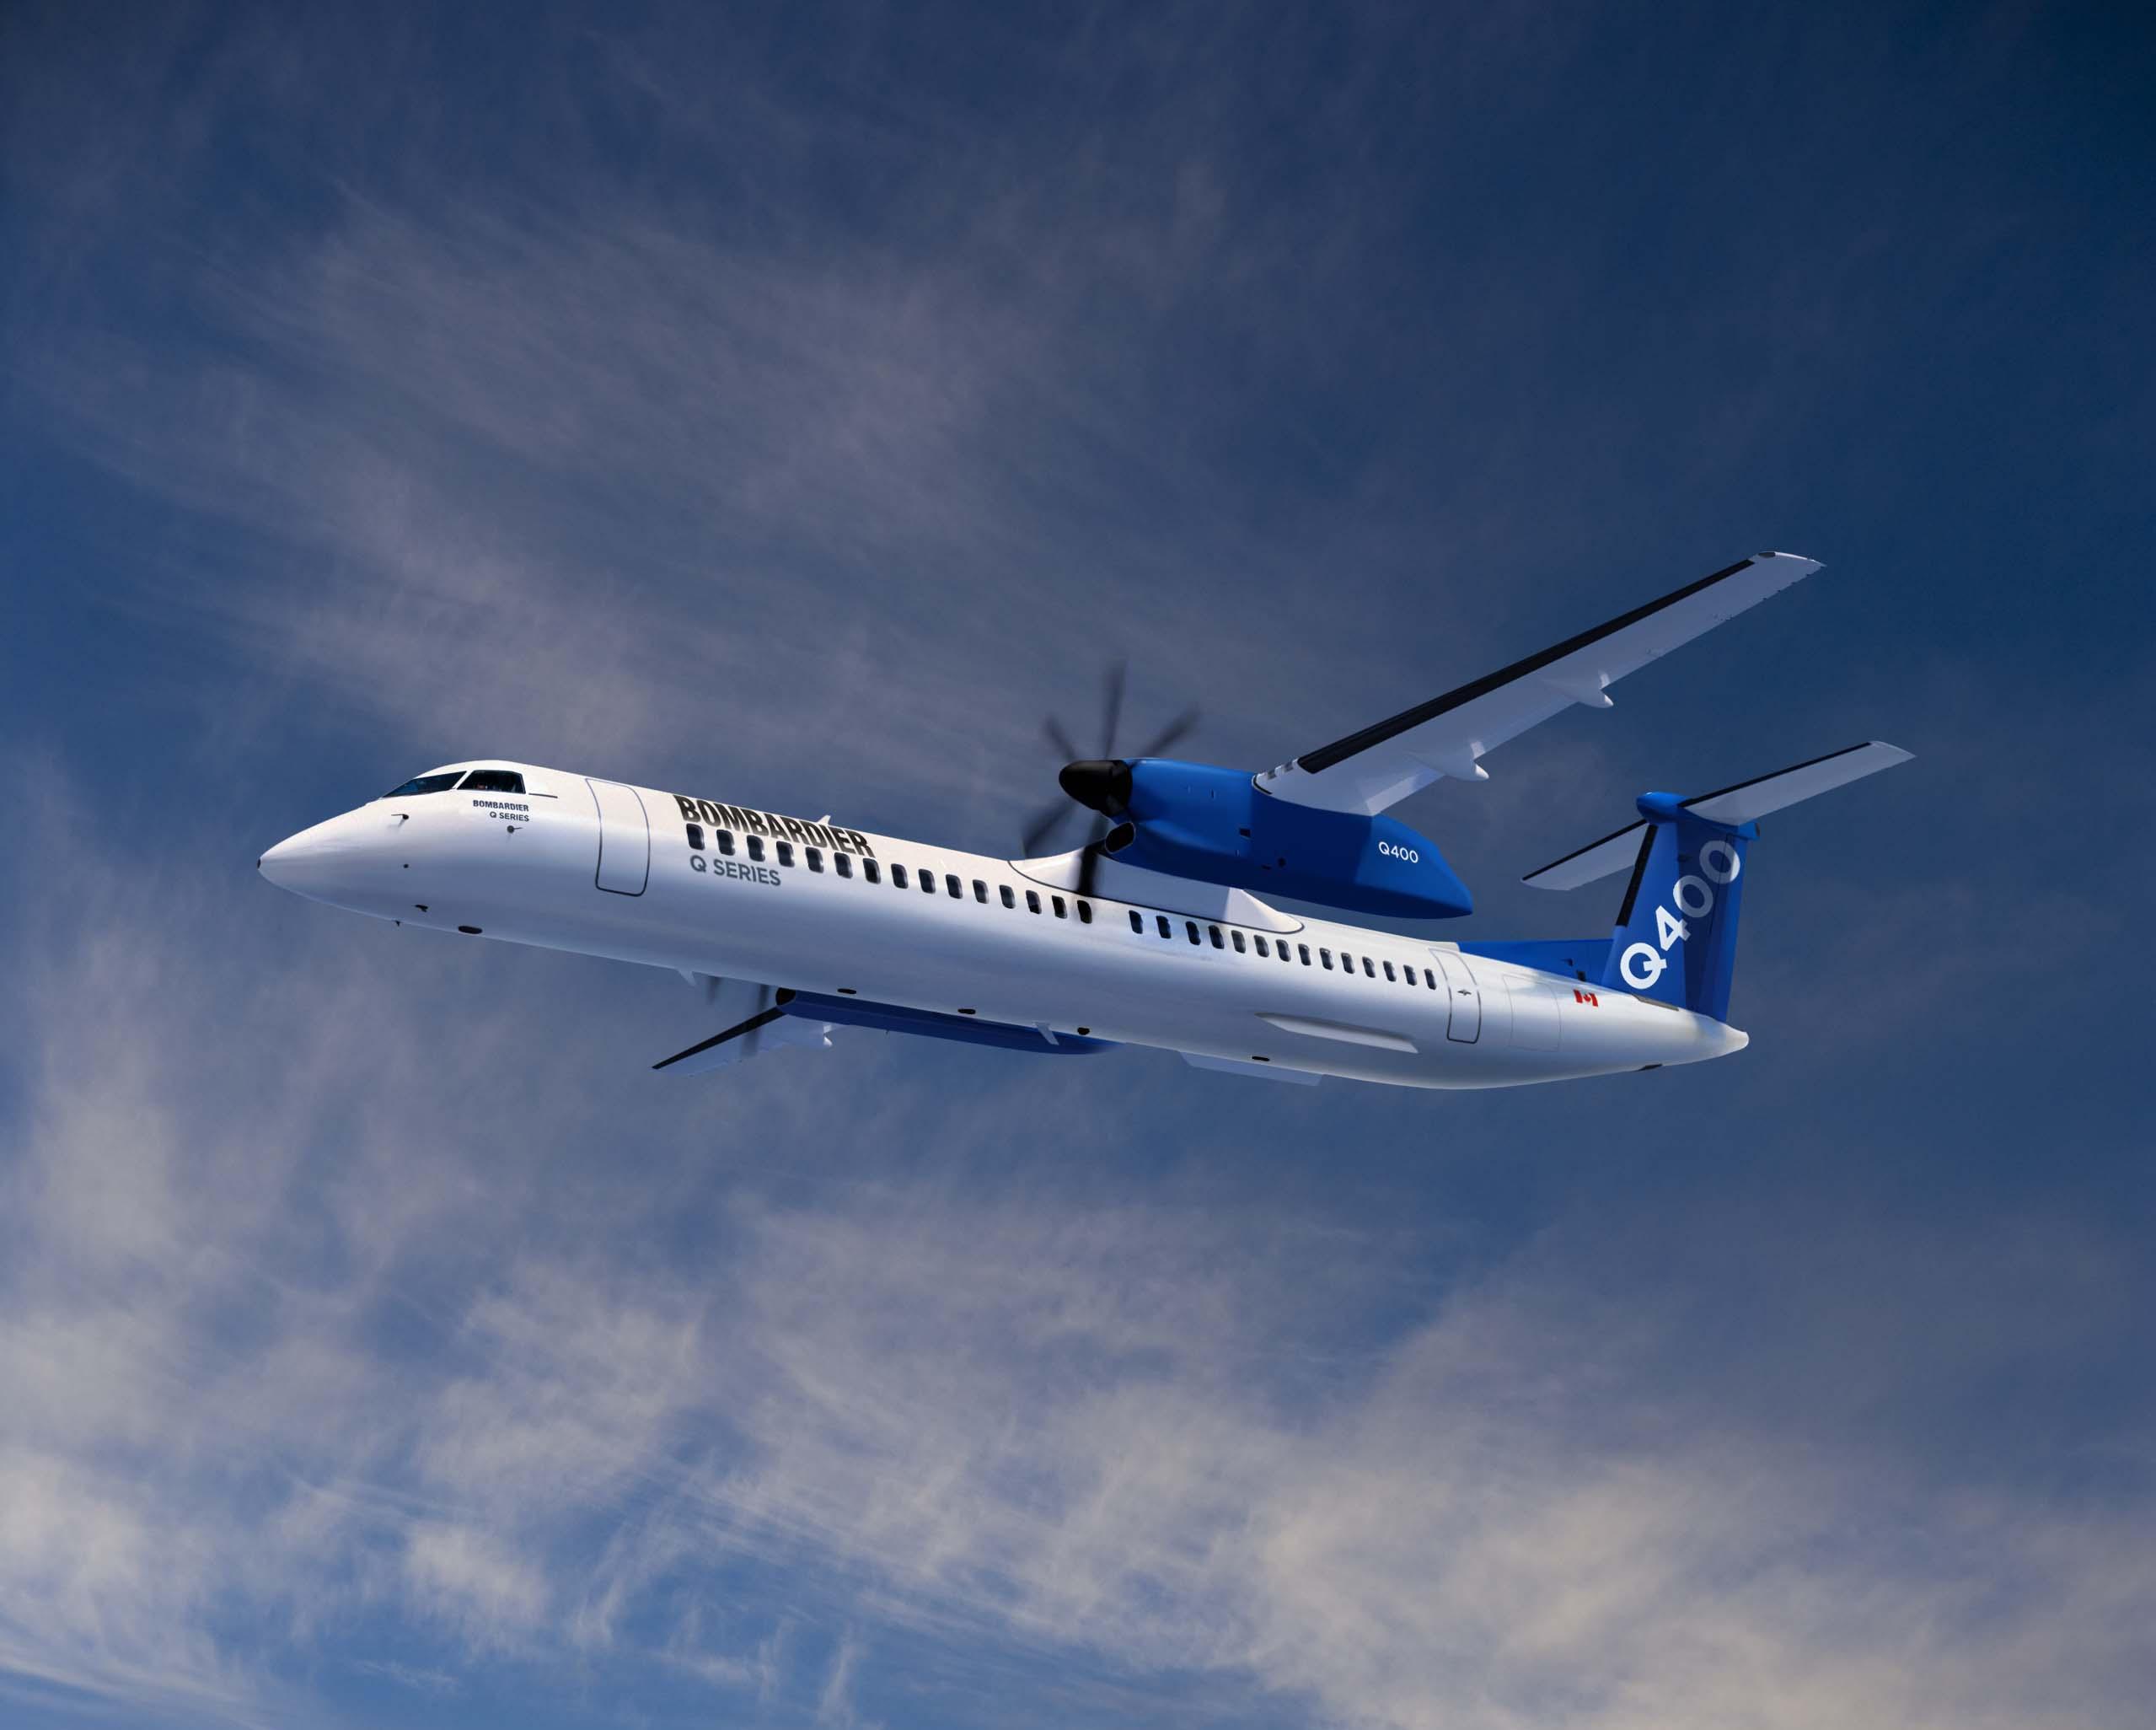 En illustration af Bombardiers kommende Q400-fly med 90 sæder. Foto: Bombardier